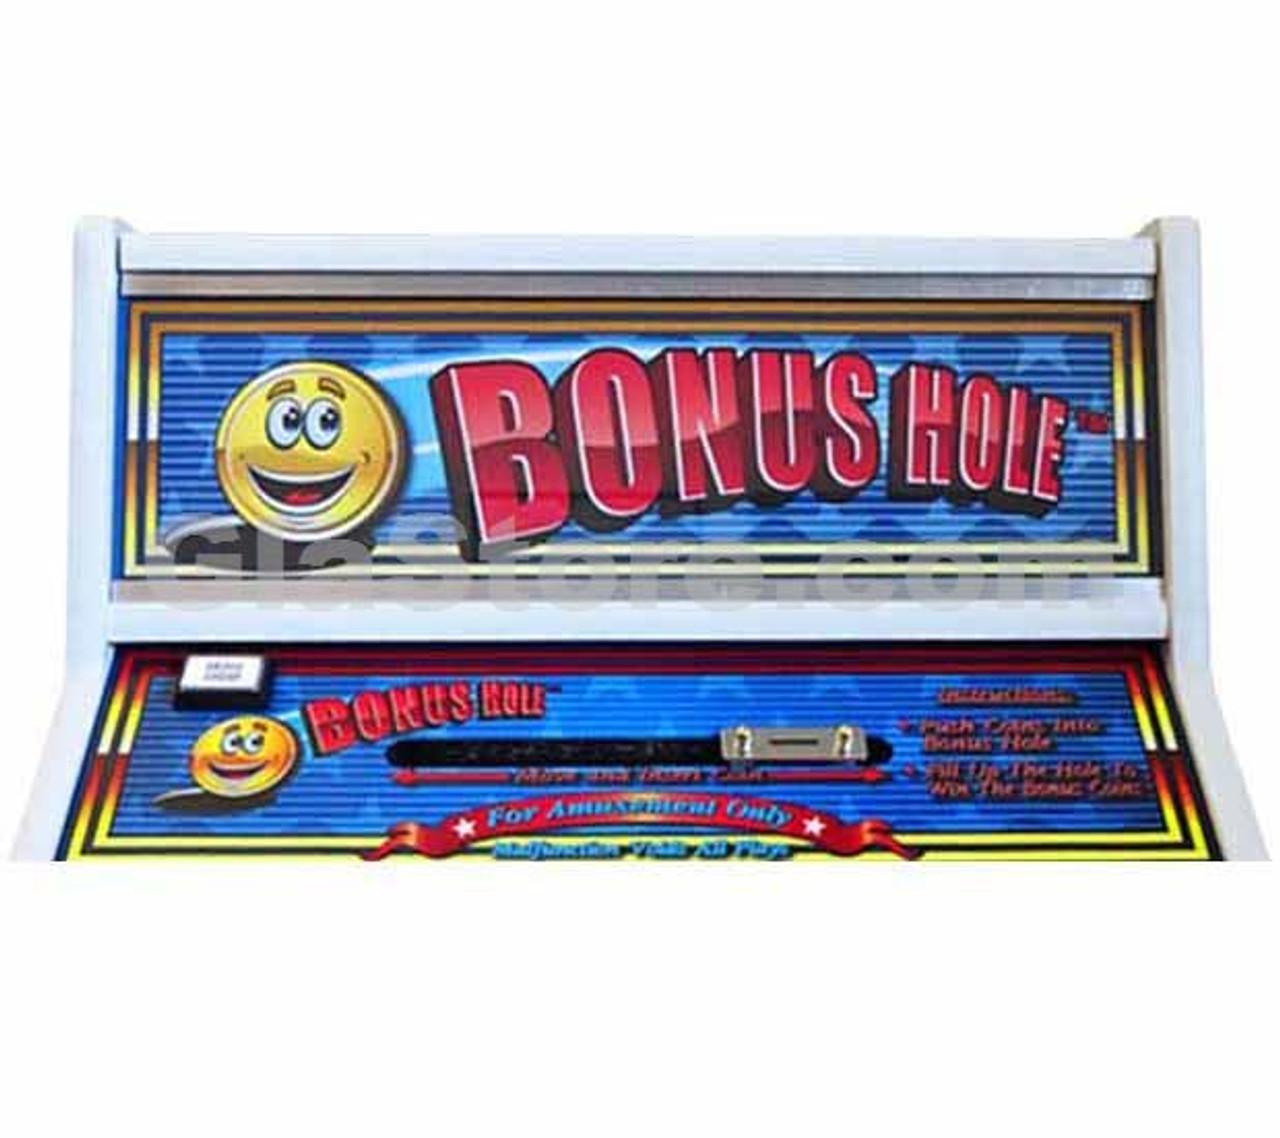 Bonus Hole Coin Pusher